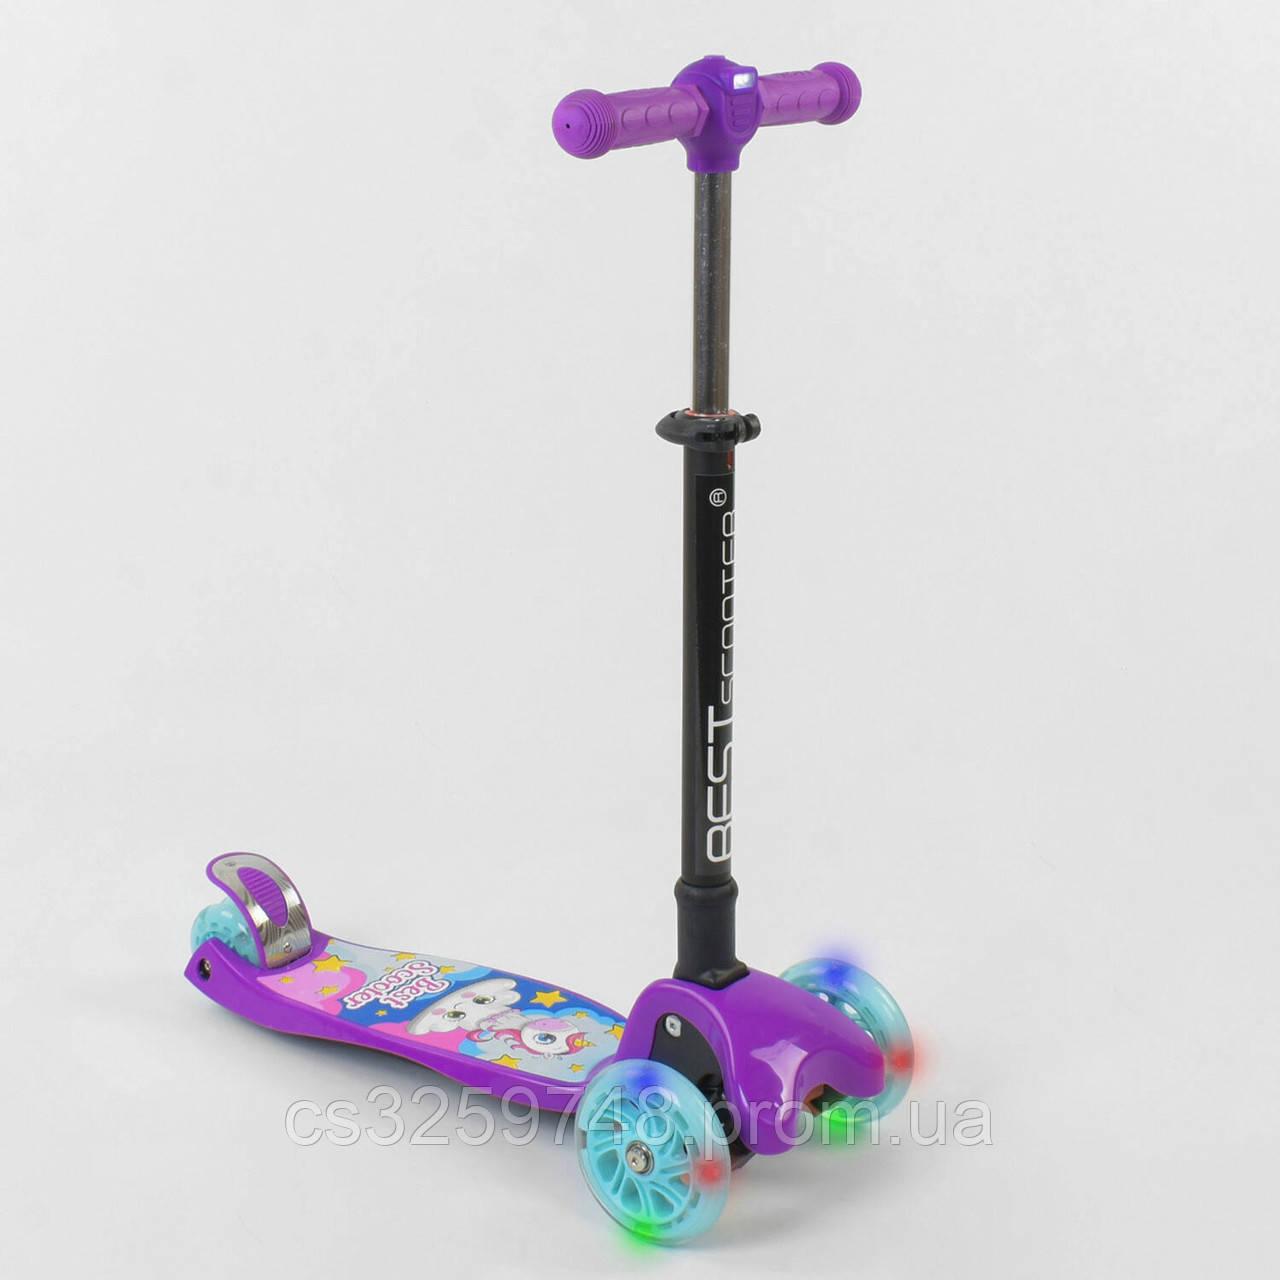 Детский трехколесный самокат с фарой Best Scooter 66958 Фиолетовый